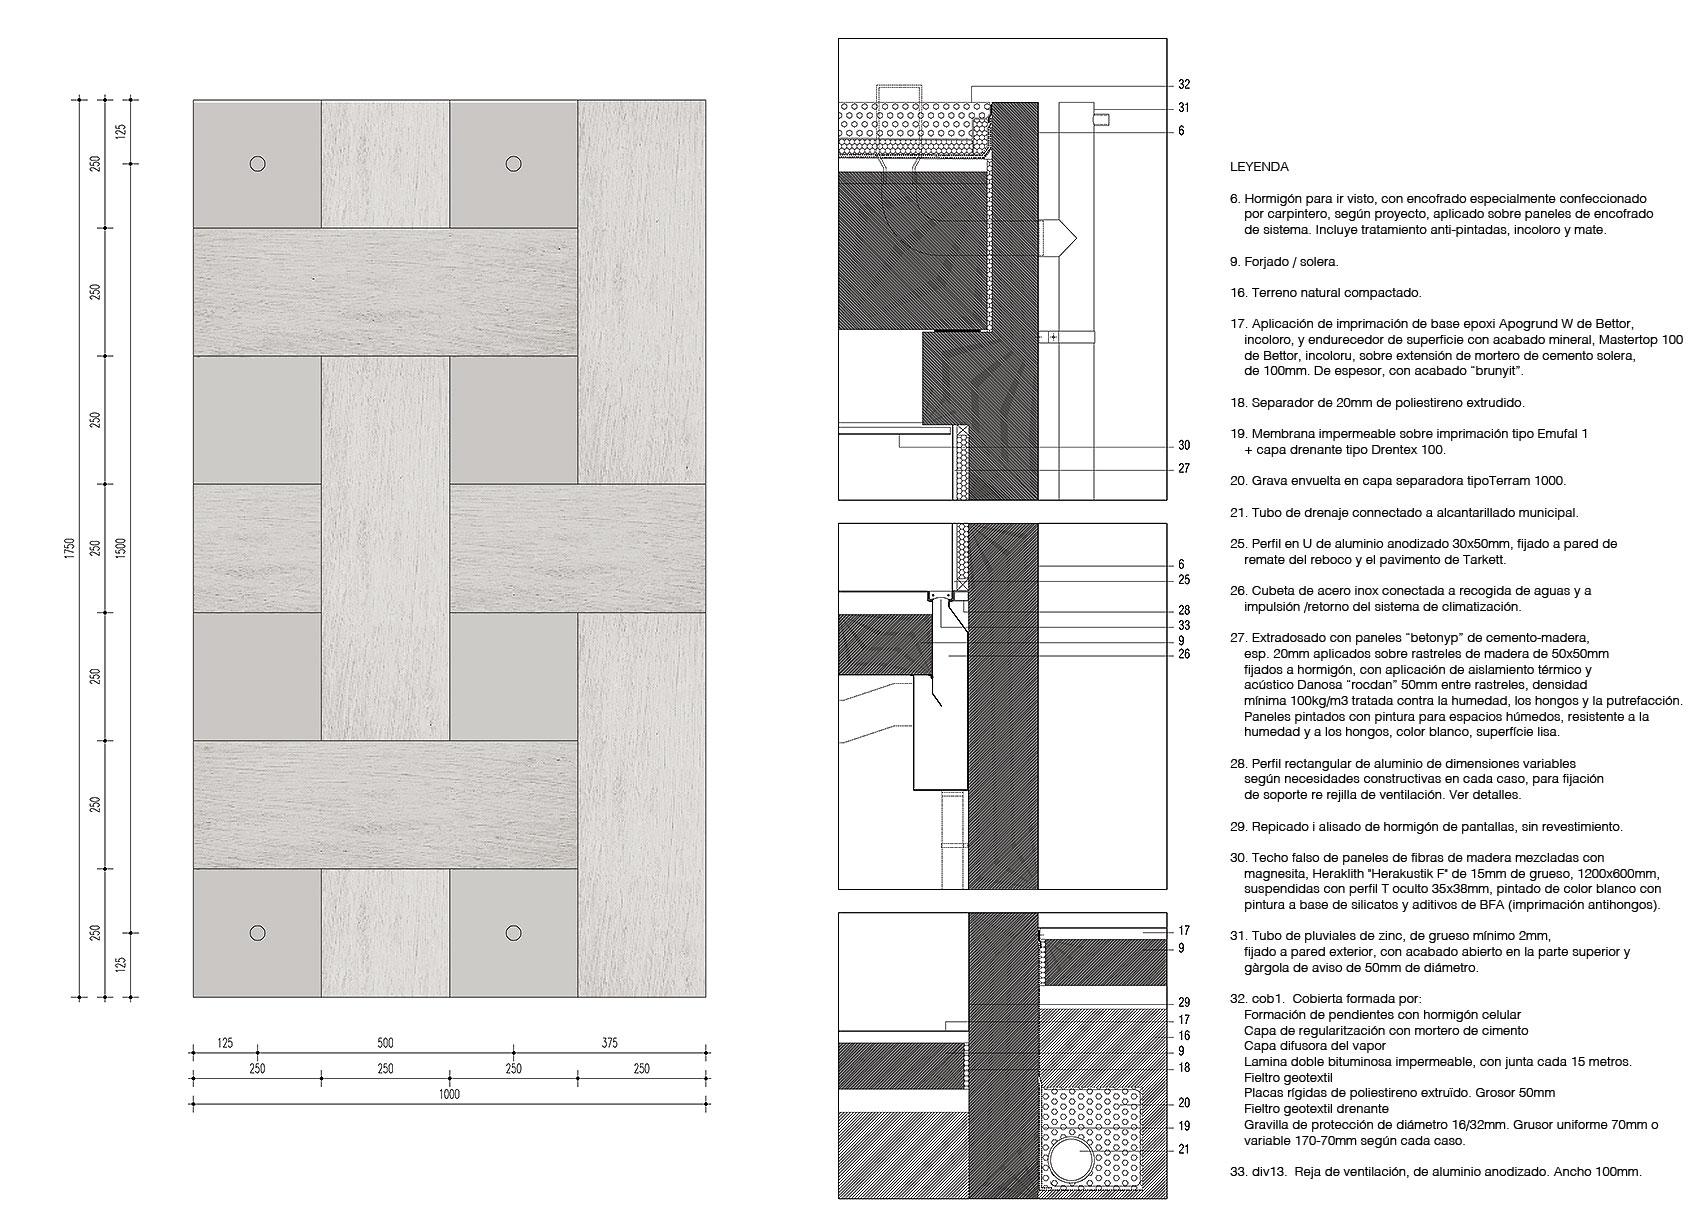 Hormigu00f3n texturado u00b7 Textured concrete : vora arquitectura : docomop